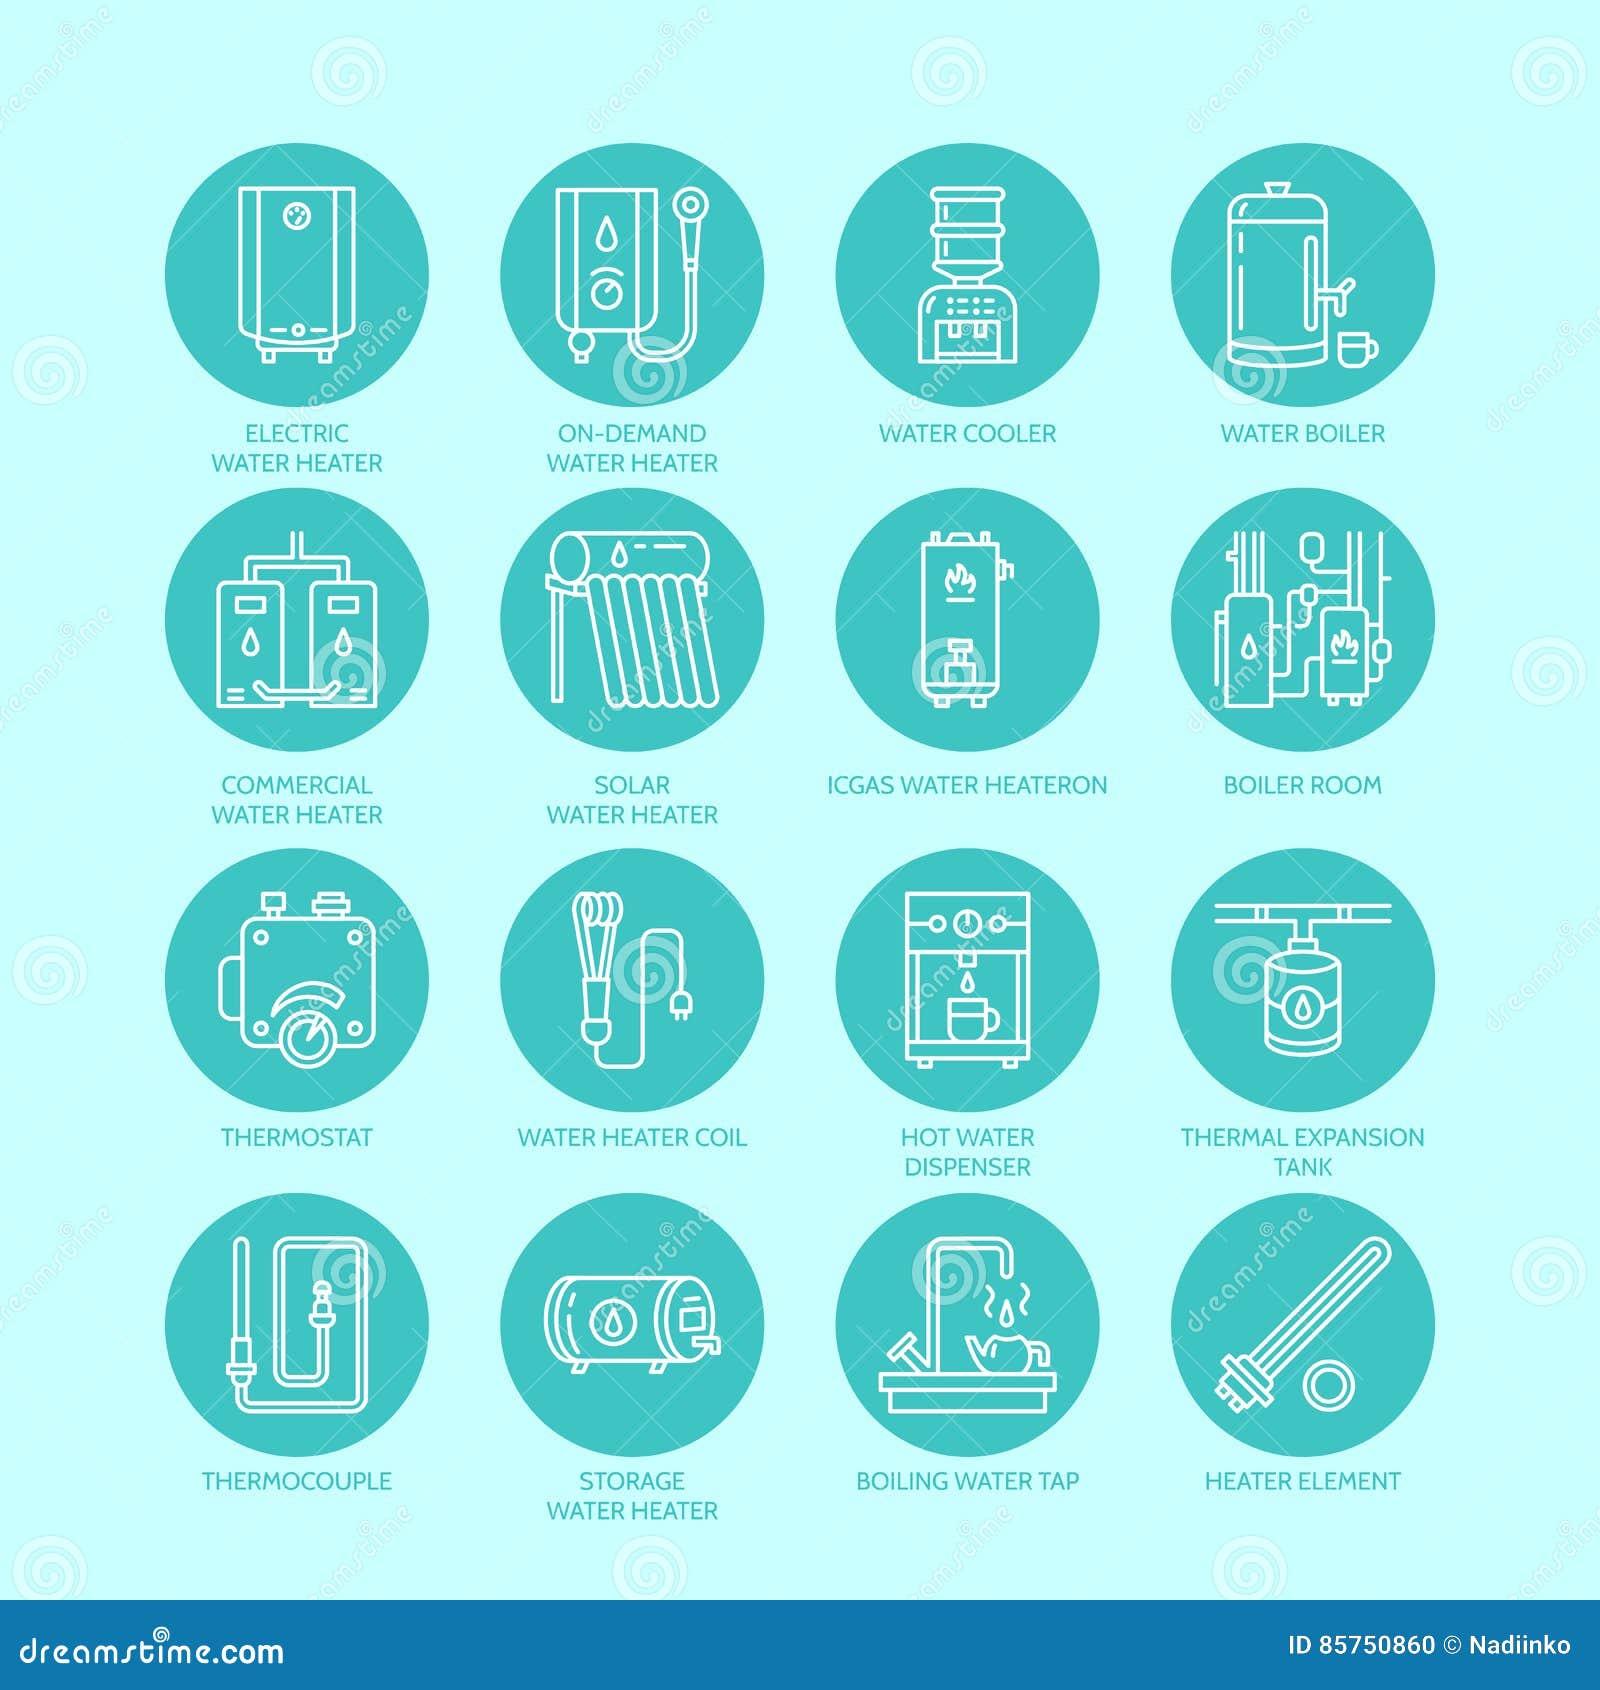 L appareil de chauffage, le chauffe-eau, le thermostat, électriques, gaz, appareils de chauffage solaires et tout autre équipemen